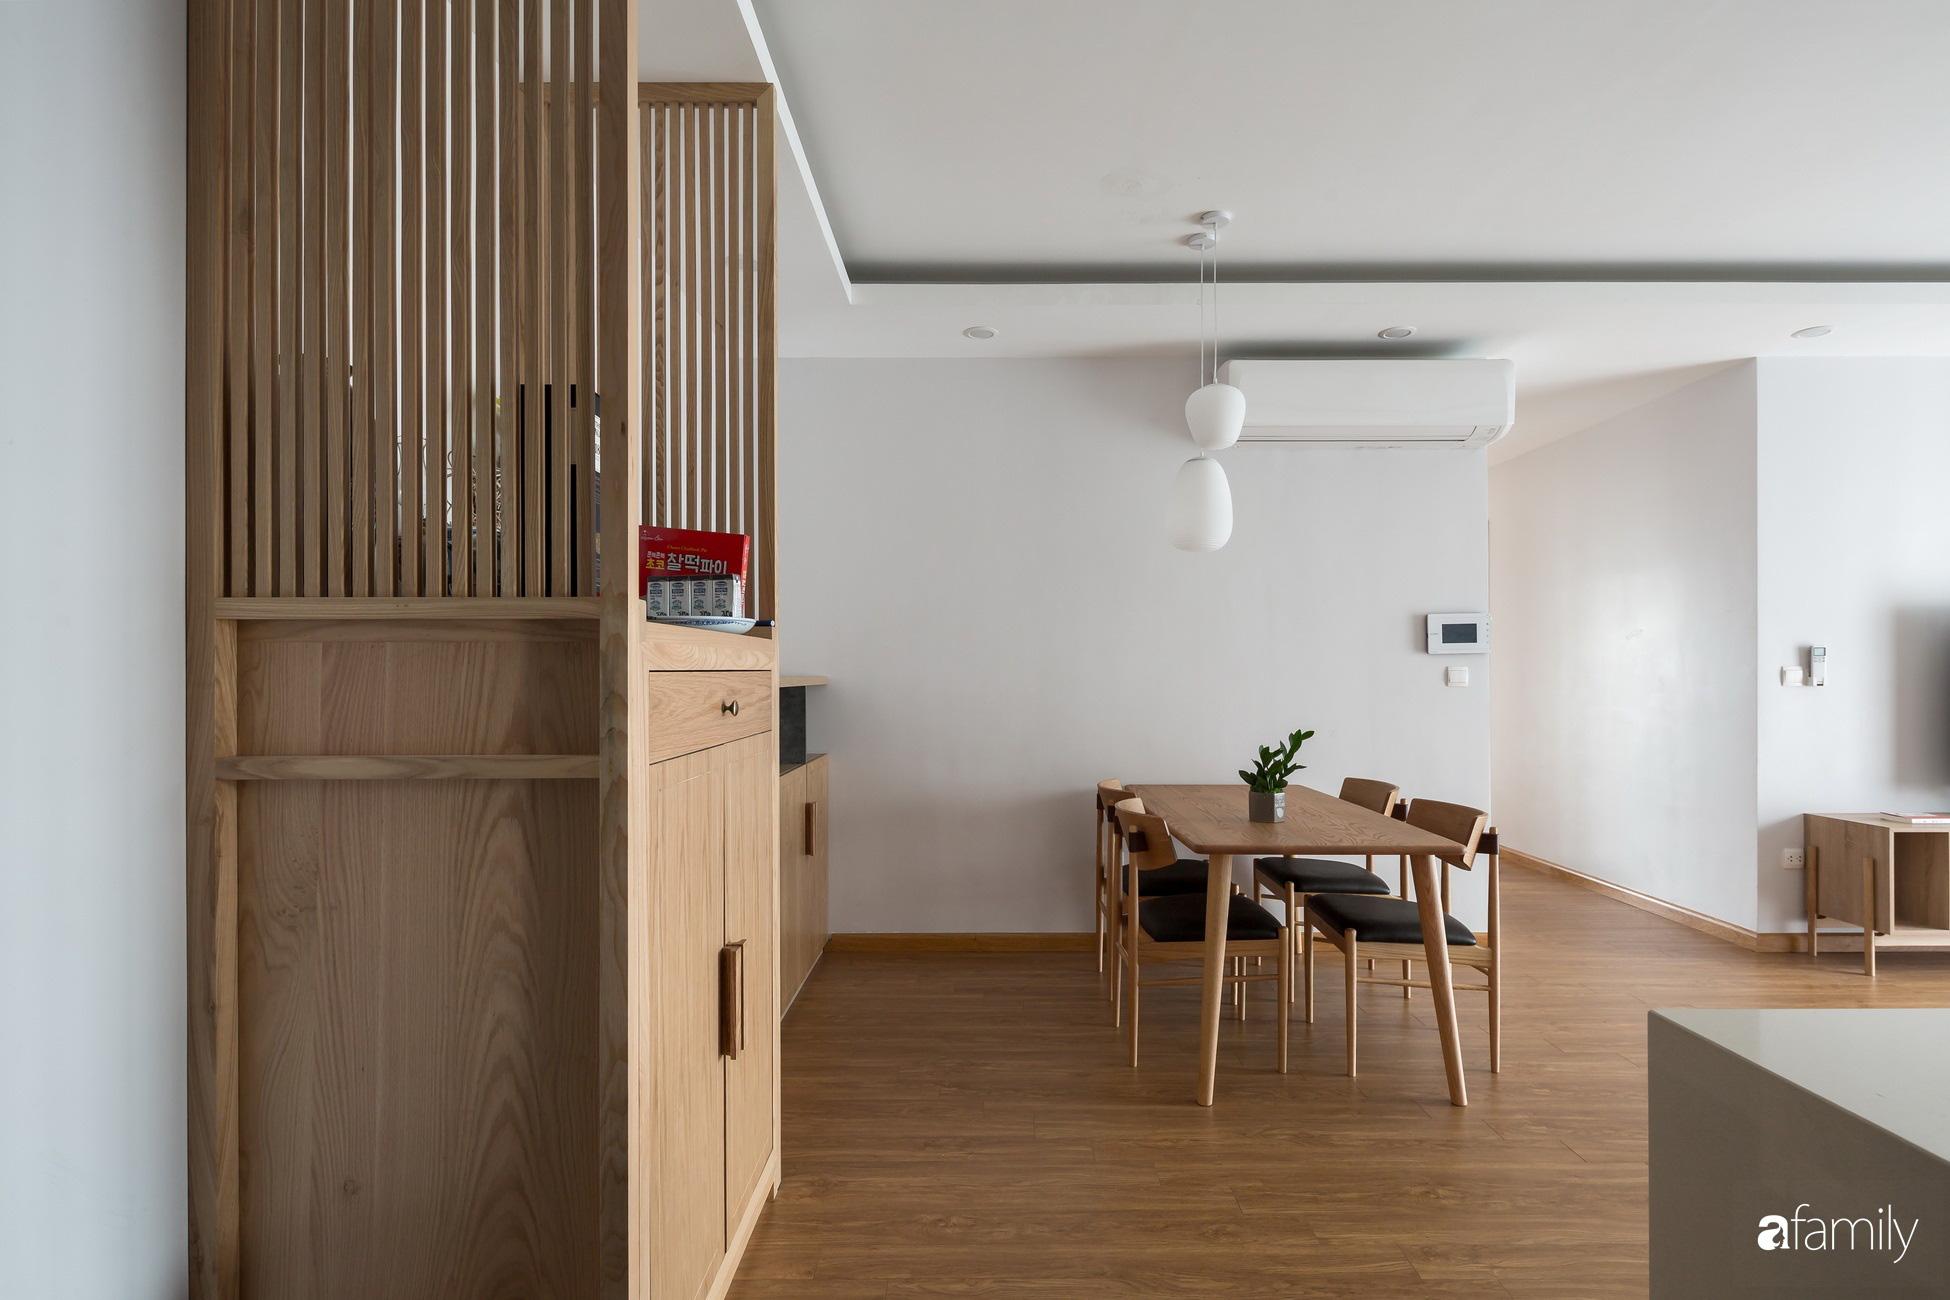 Căn hộ tối giản hút hồn từng mét vuông cho gia đình 6 người ở Minh Khai, Hà Nội - Ảnh 10.